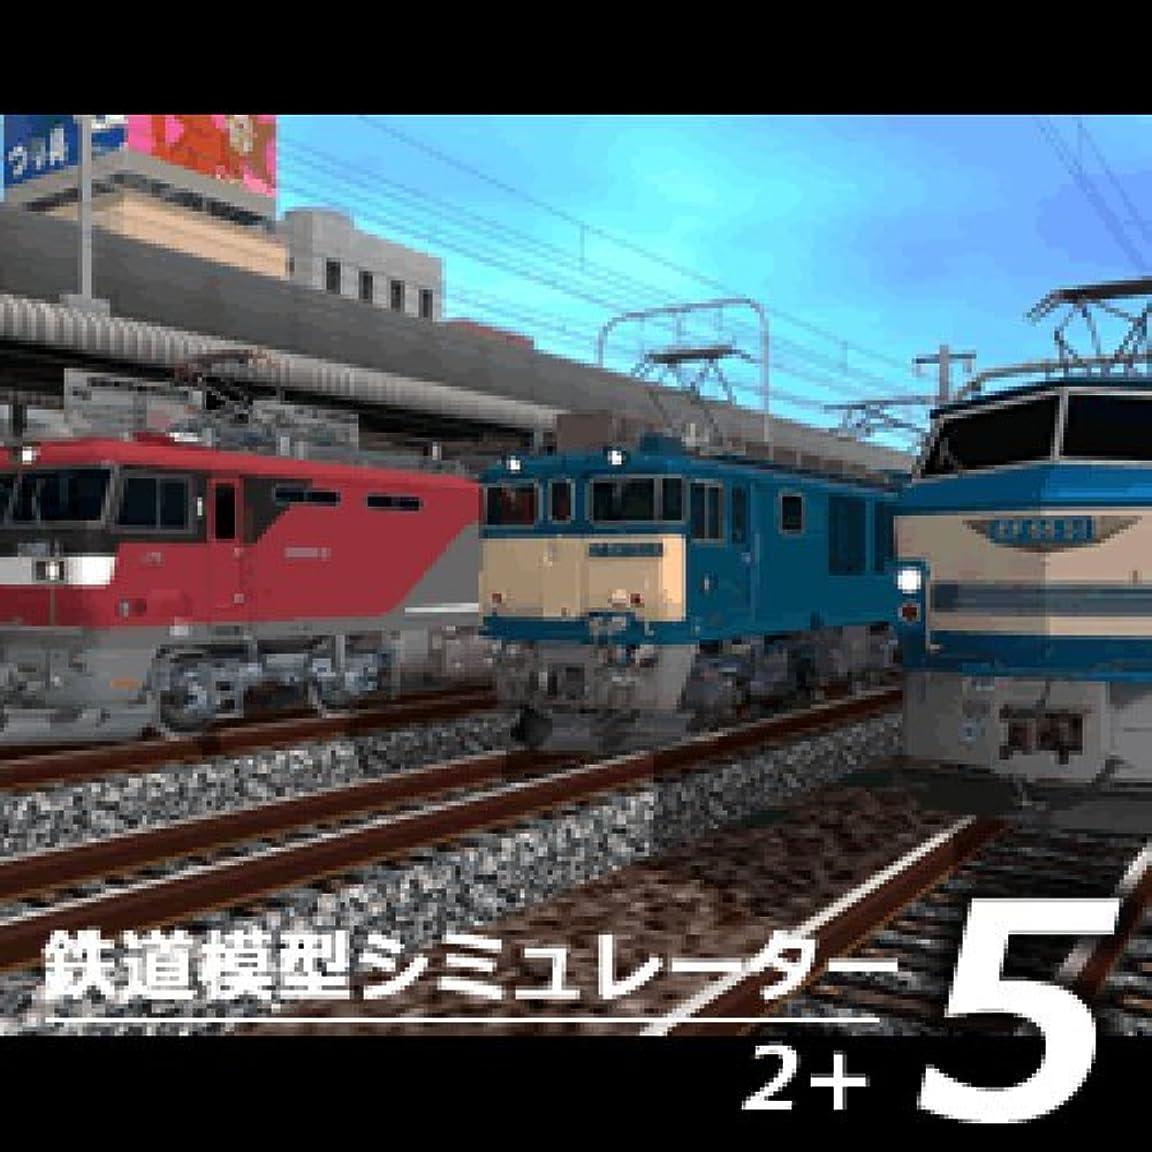 死傷者パック投げ捨てる鉄道模型シミュレーター5-2+ [ダウンロード]